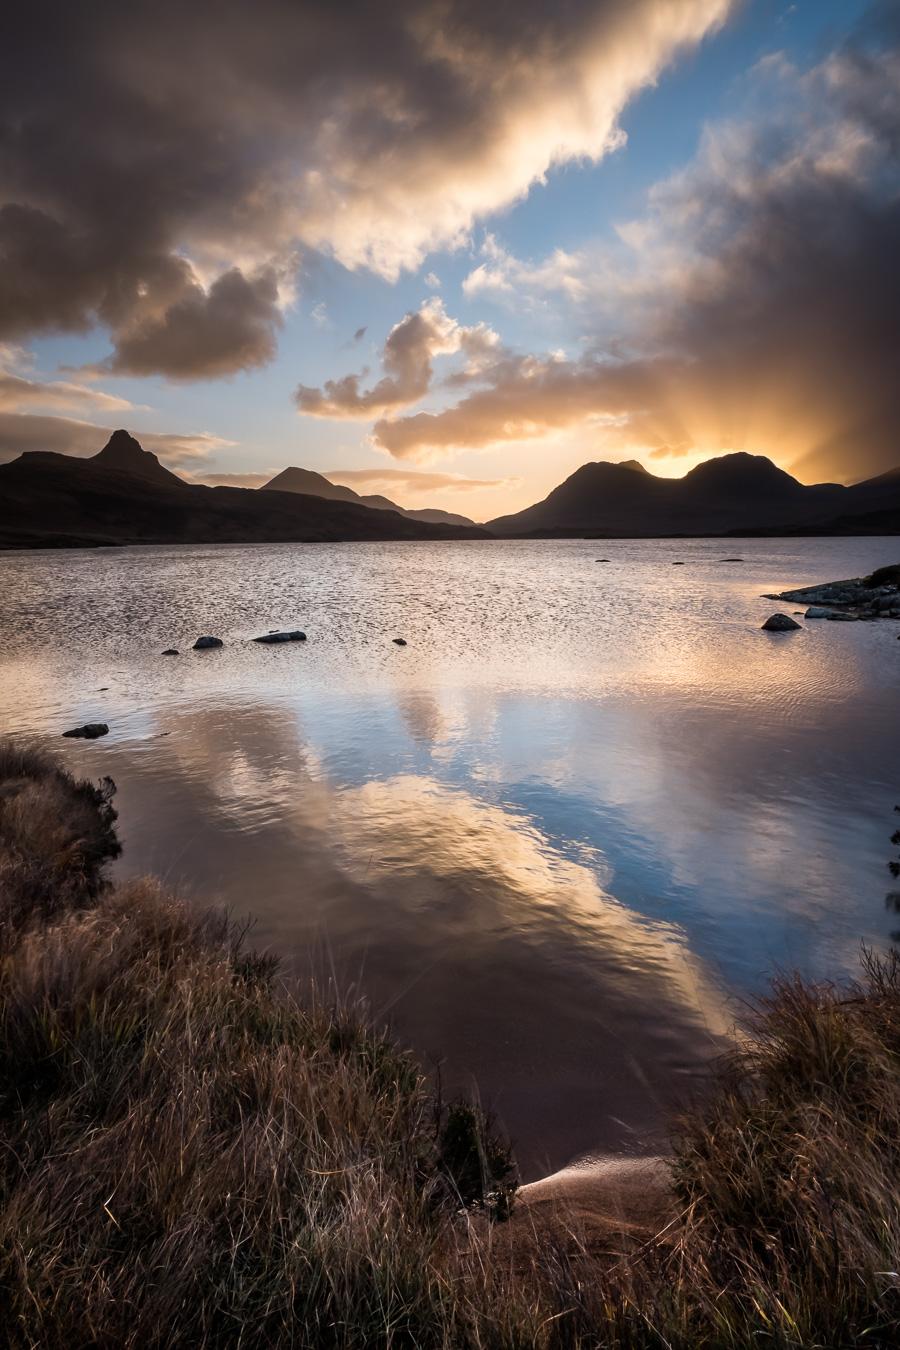 Loch Bad a Ghaill sunrise 2